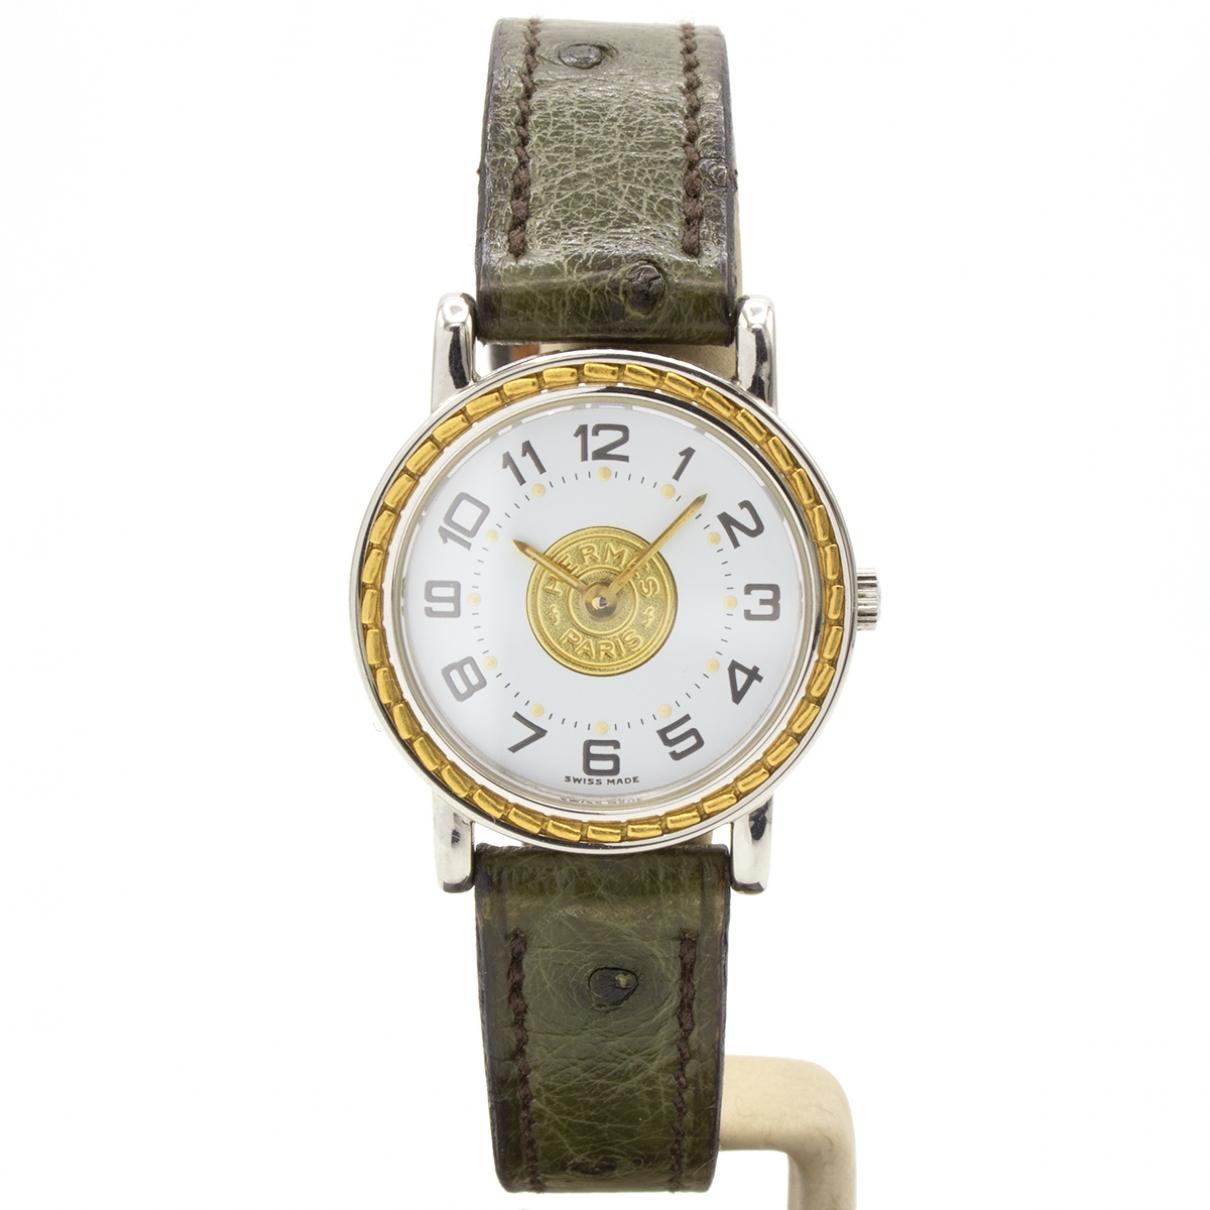 Hermes Sellier Uhr in  Gold Gold und Stahl